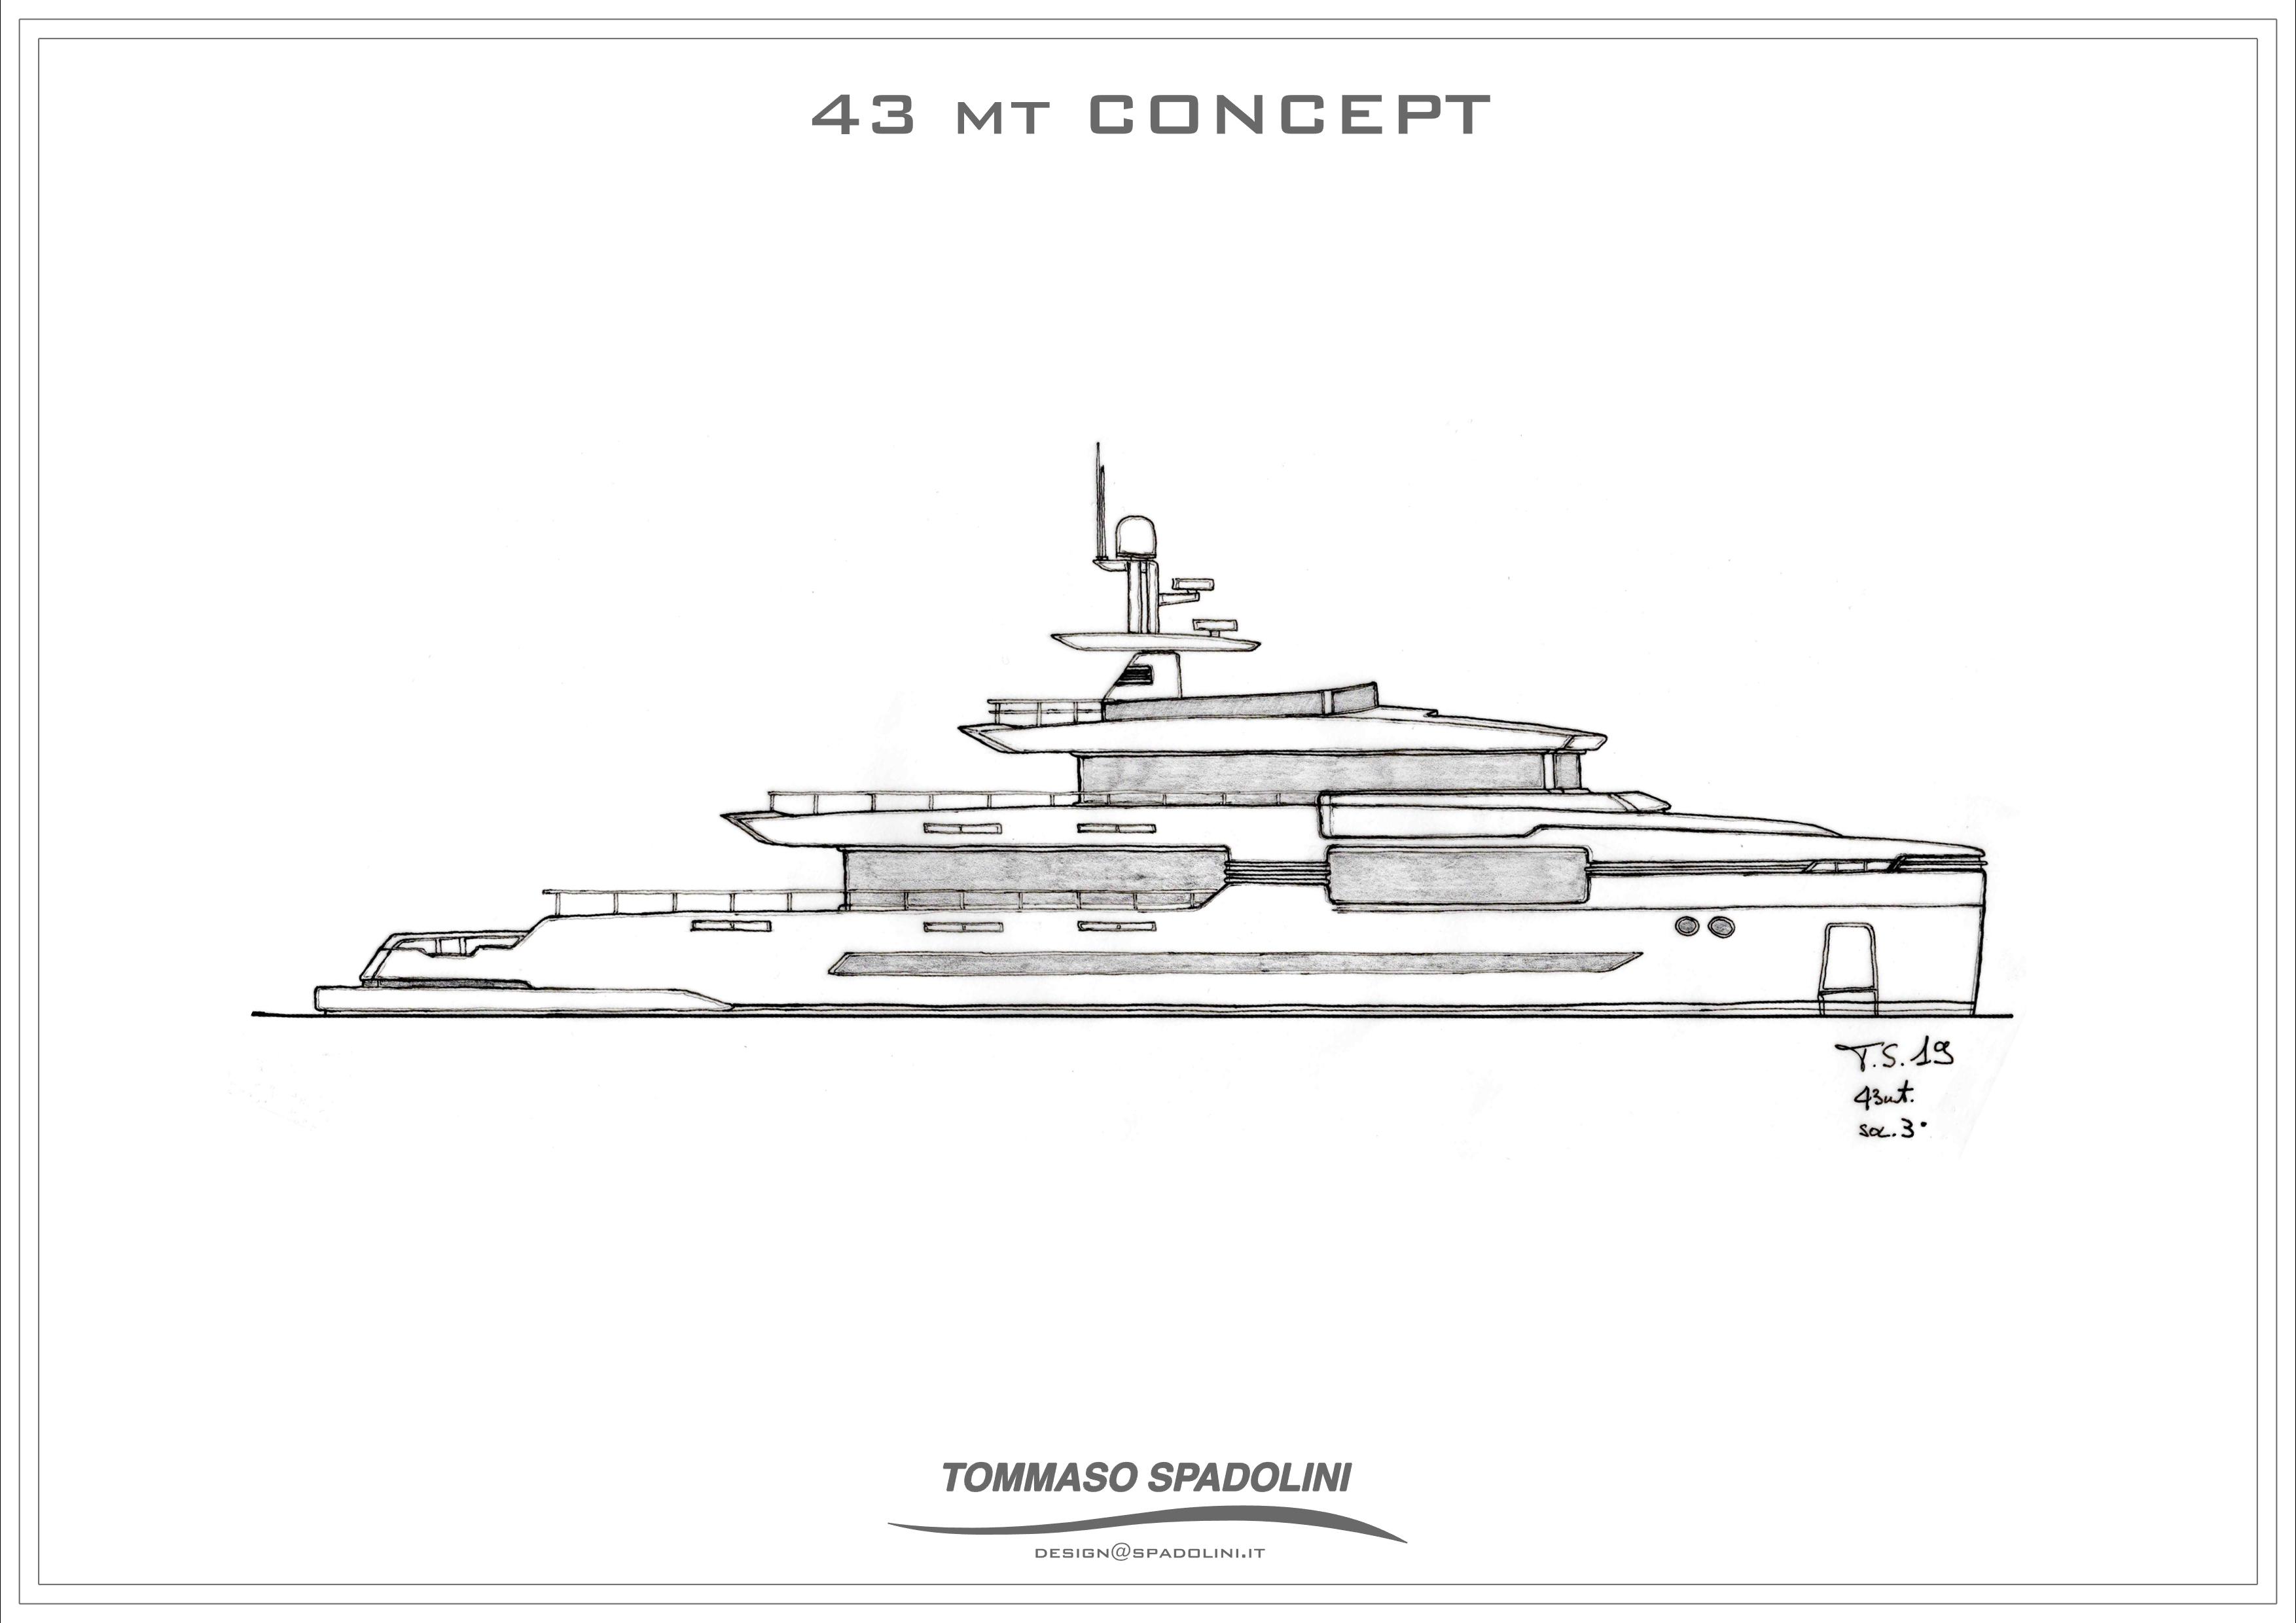 Tommaso Spadolini svela il progetto  di un nuovo 43 metri